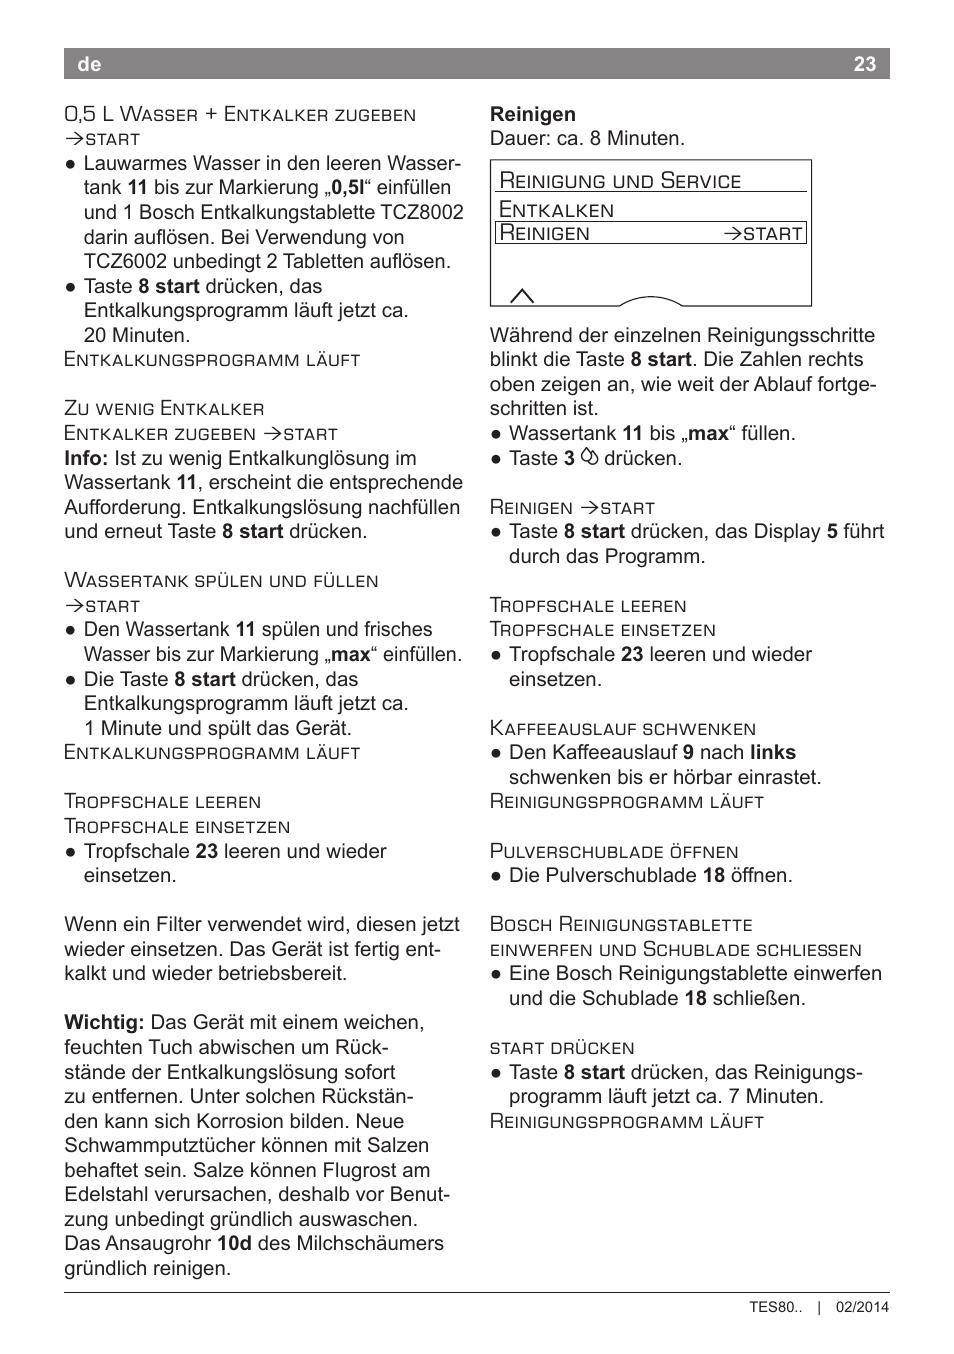 Reinigung Und Service Entkalken Reinigen Start Bosch Tes80359de